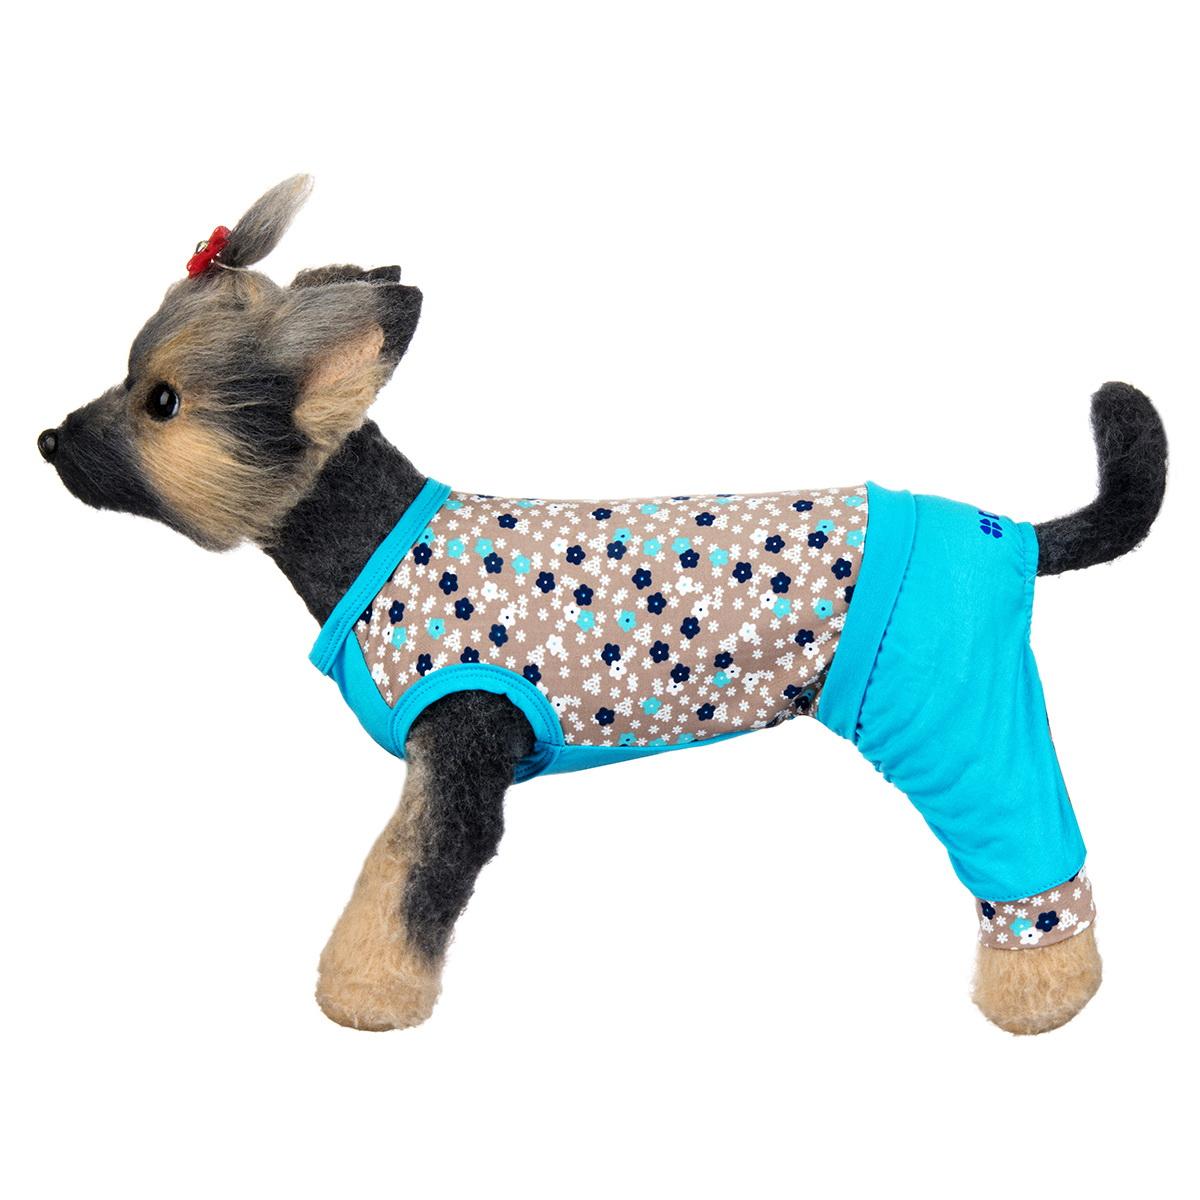 Комбинезон для собак Dogmoda Алекс, унисекс, цвет: голубой, серый. Размер 1 (S)DM-160140-1Комбинезон для собак Dogmoda Алекс отлично подойдет для прогулок в сухую погоду или для дома.Комбинезон изготовлен из вискозы (94%) и эластана (6%). Изделие имеет длинные брючины и специальные прорези для лапок, которые оснащены широкими стильными манжетами, мягко обхватывающими лапки. На пояснице комбинезона имеется внутренняя резинка.Благодаря такому комбинезону вашему питомцу будет комфортно наслаждаться прогулкой или играми дома.Длина по спинке: 20 см.Объем груди: 33 см.Обхват шеи: 21 см.Одежда для собак: нужна ли она и как её выбрать. Статья OZON Гид